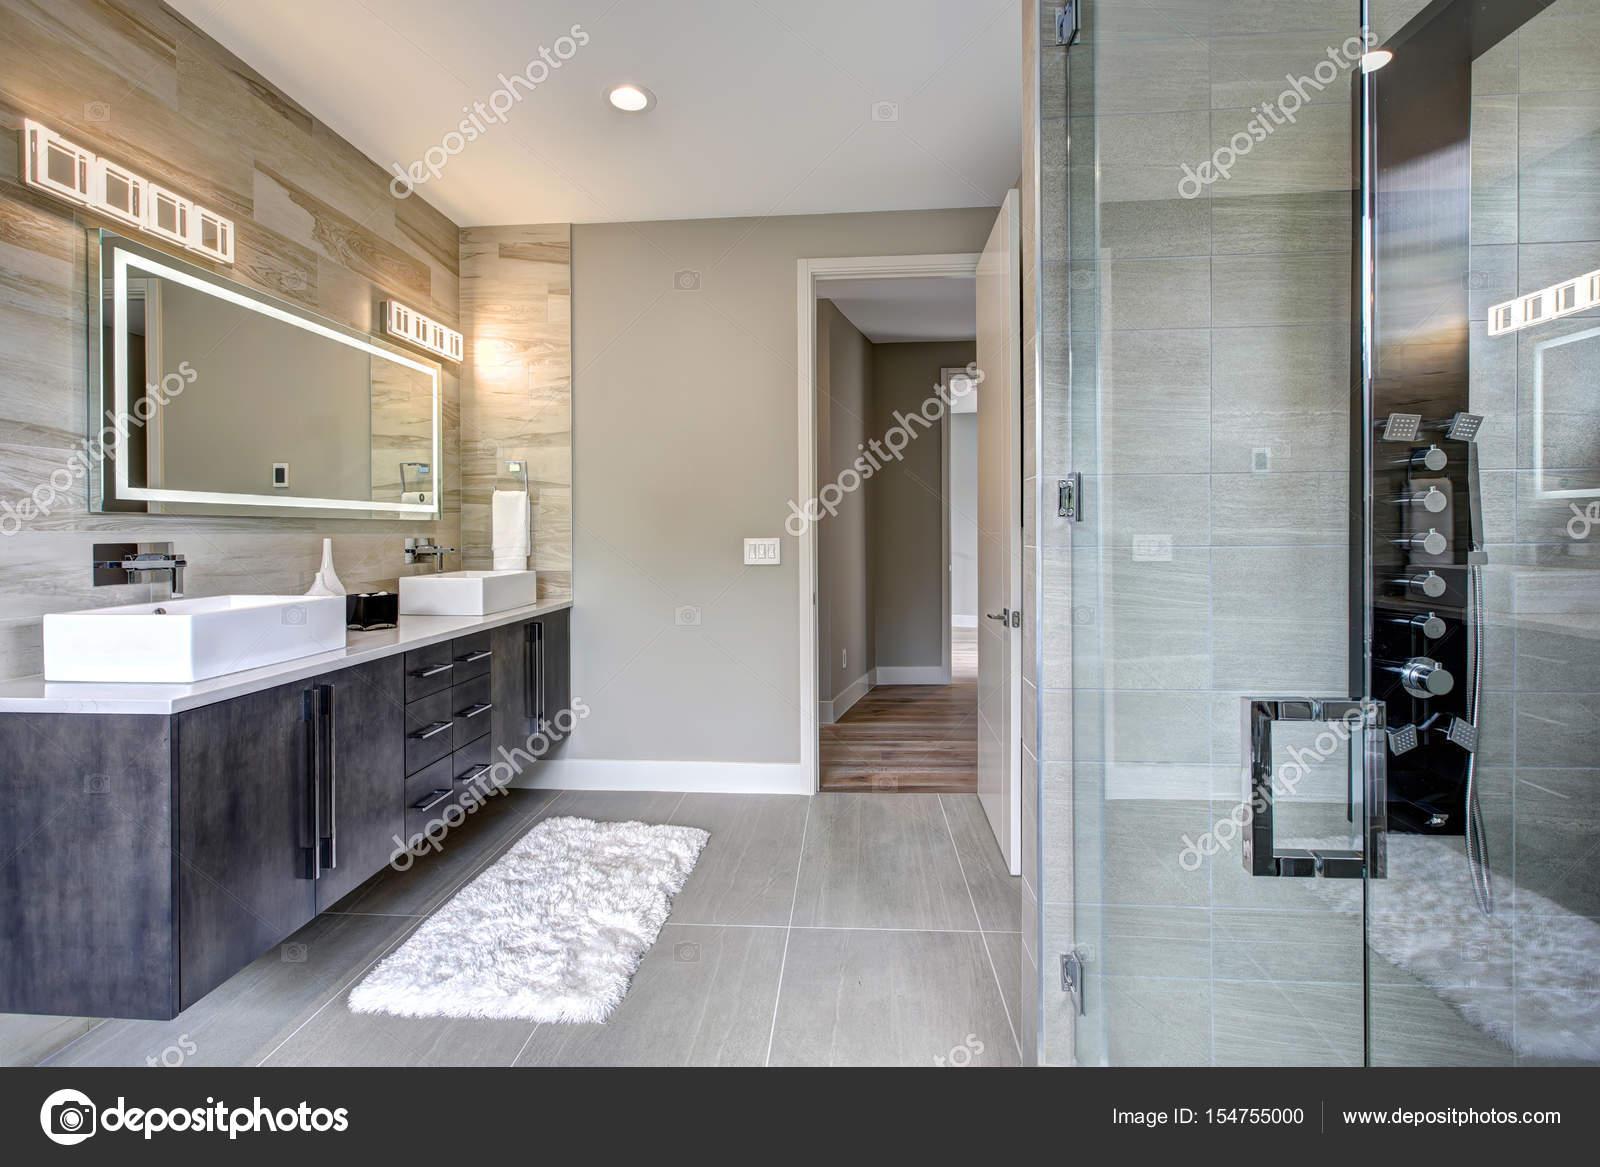 Moderne badkamer interieur u2014 stockfoto © iriana88w #154755000